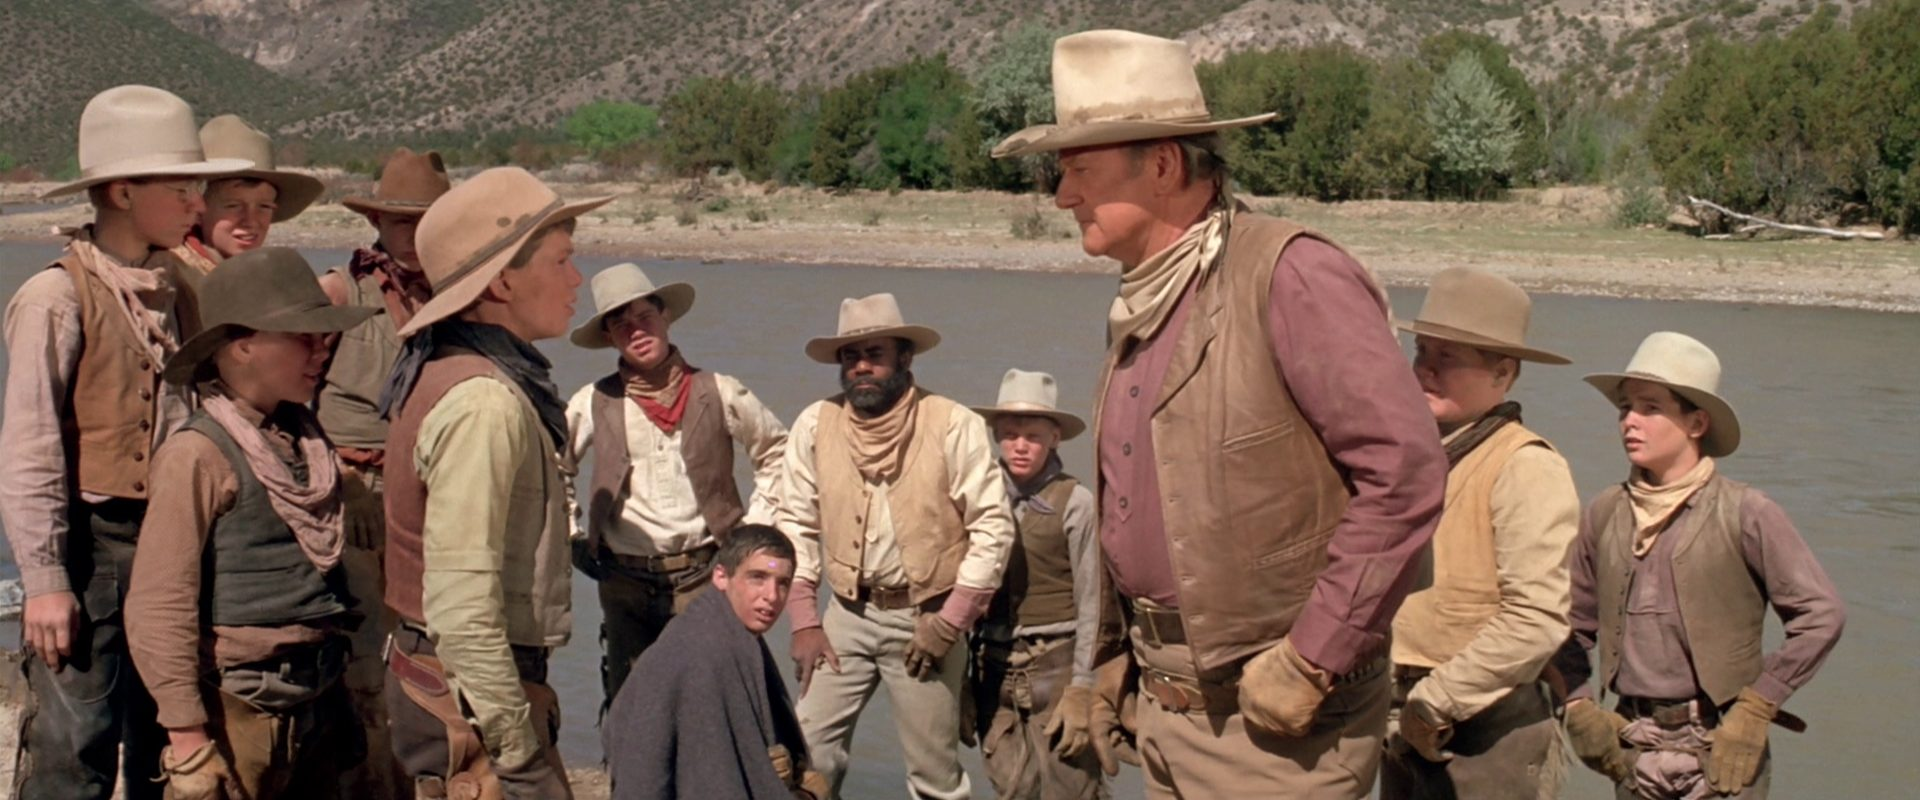 John Wayne als Viehbaron Wil Anderson vor großer Gruppe am Flussufer im Gespräch mit einem der Jungen, die er engagiert hat.